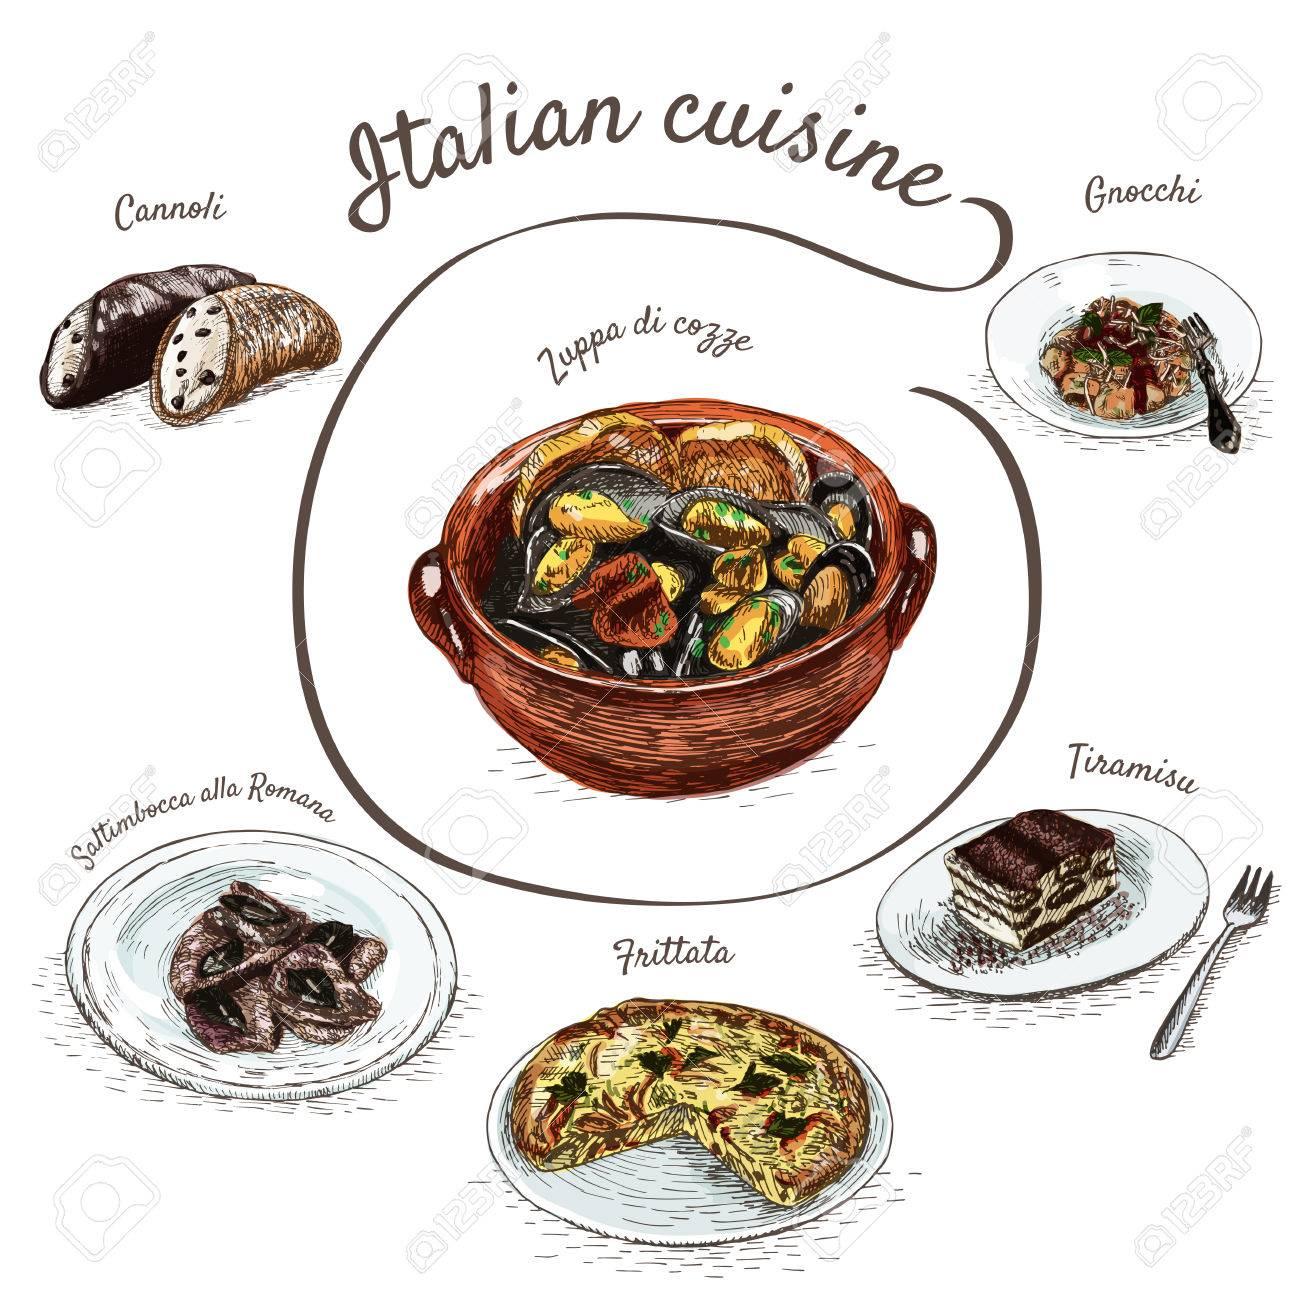 Ausgezeichnet Vivo Italienische Küche Menü Fotos - Ideen Für Die ...